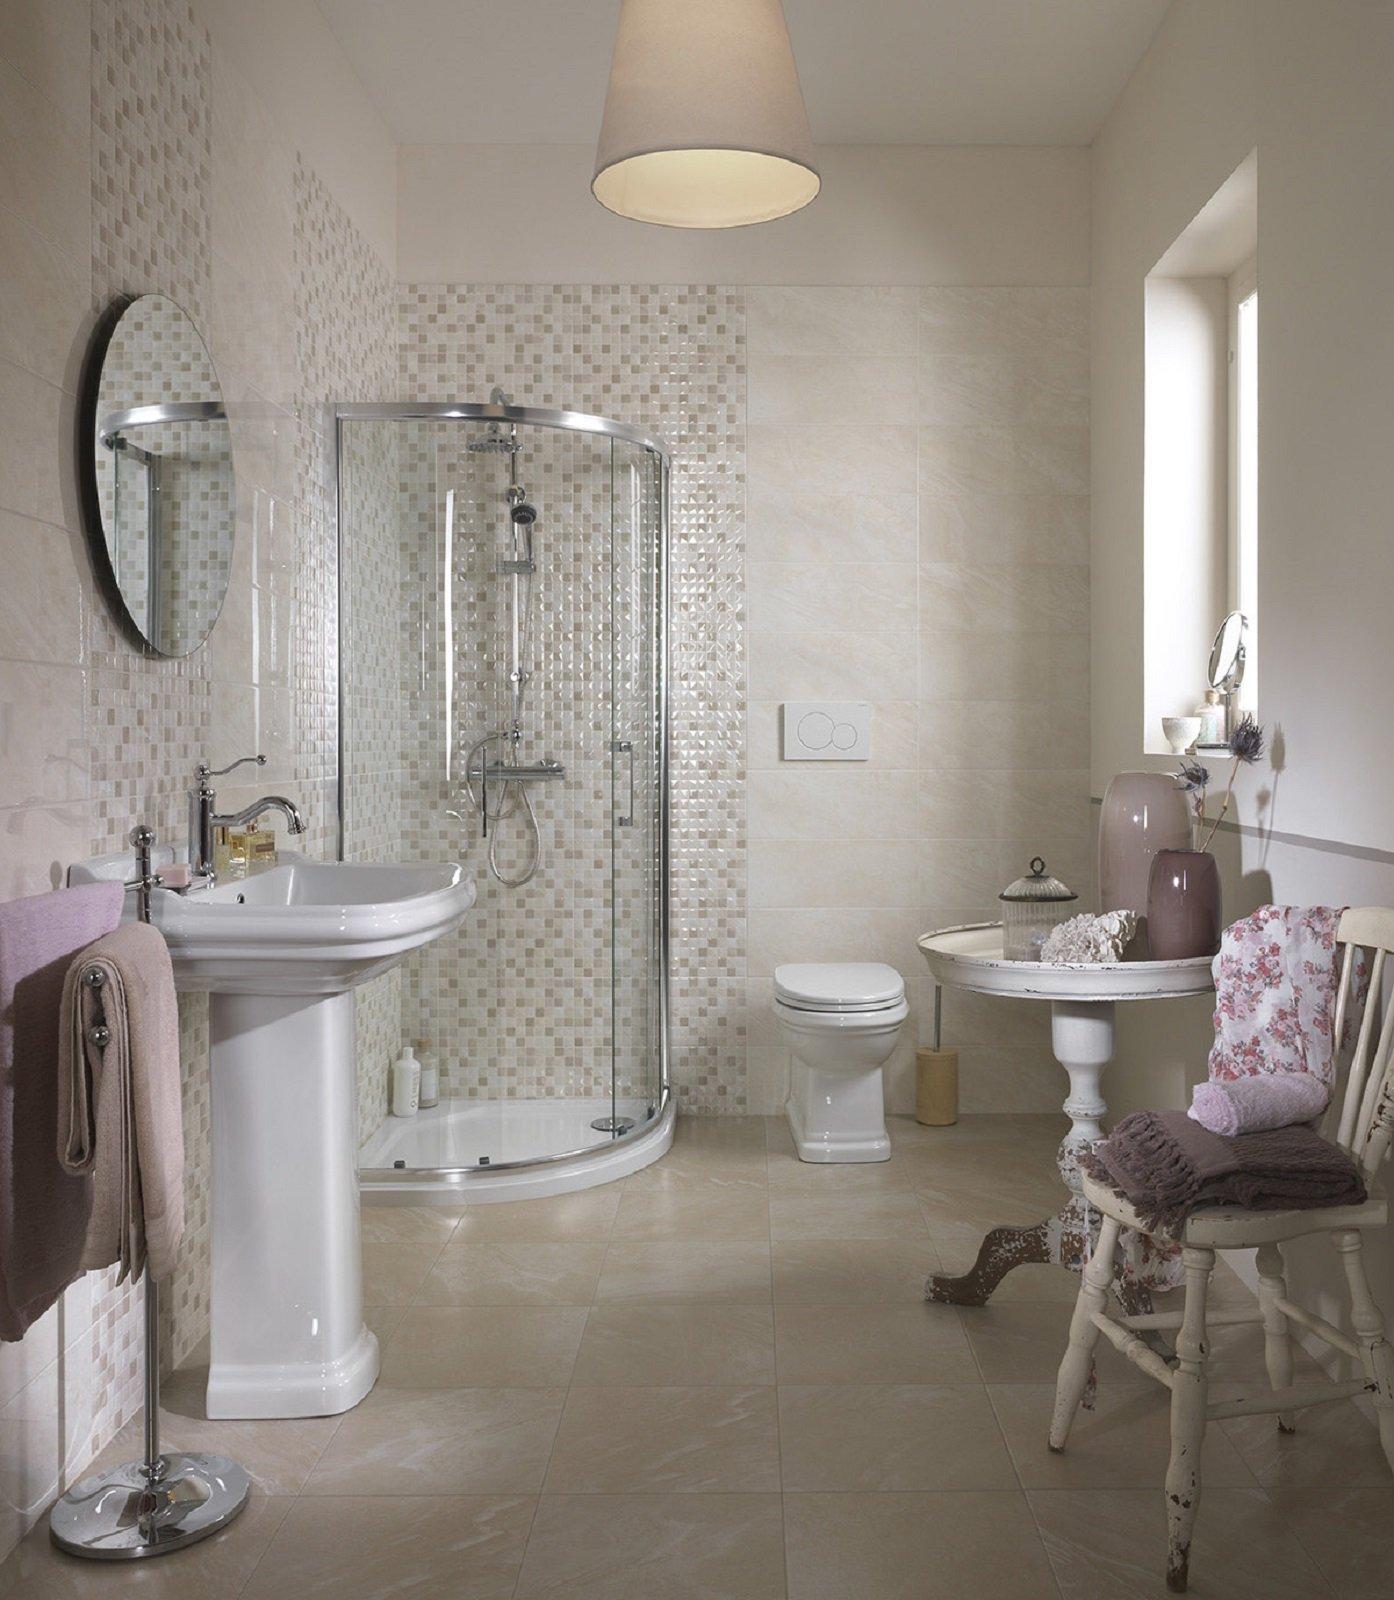 I lavabi e i sanitari per il bagno in stile classico e retr for Leroy merlin sanitari bagno